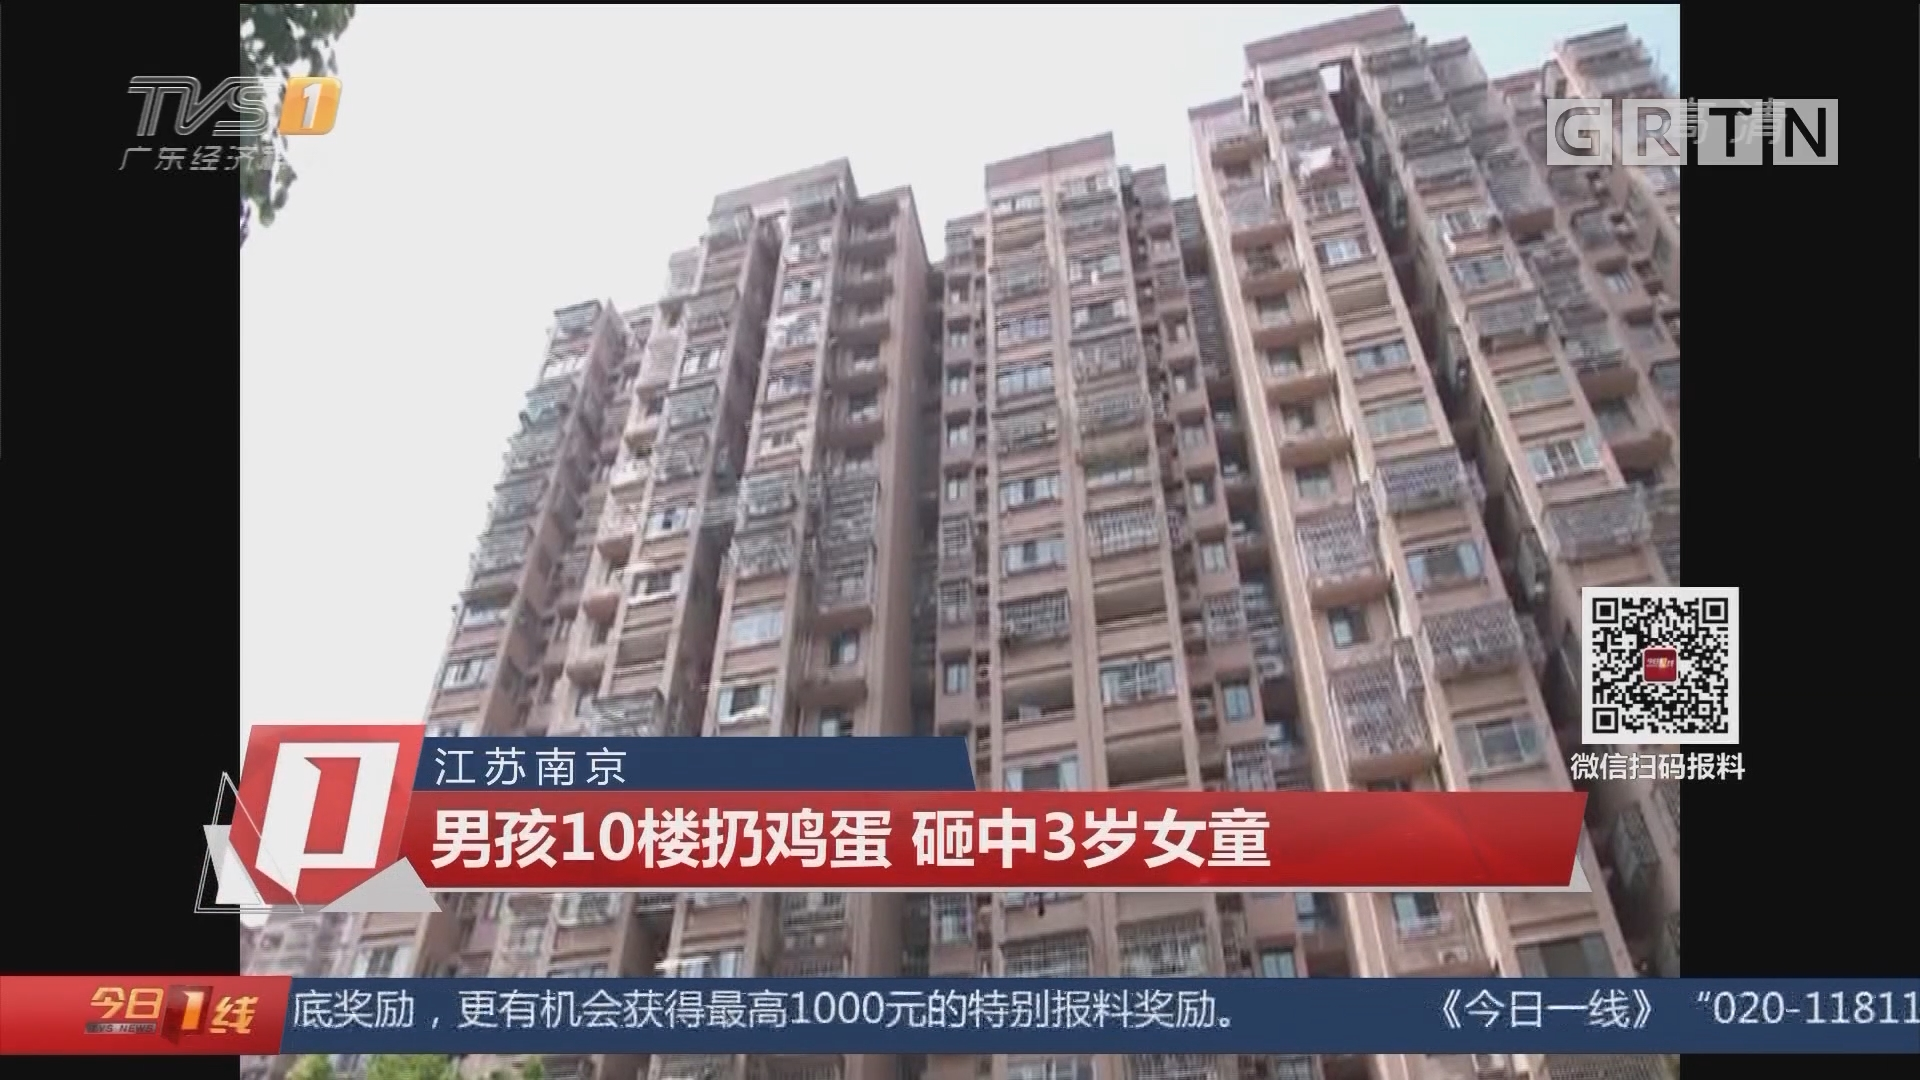 江蘇南京:男孩10樓扔雞蛋 砸中3歲女童